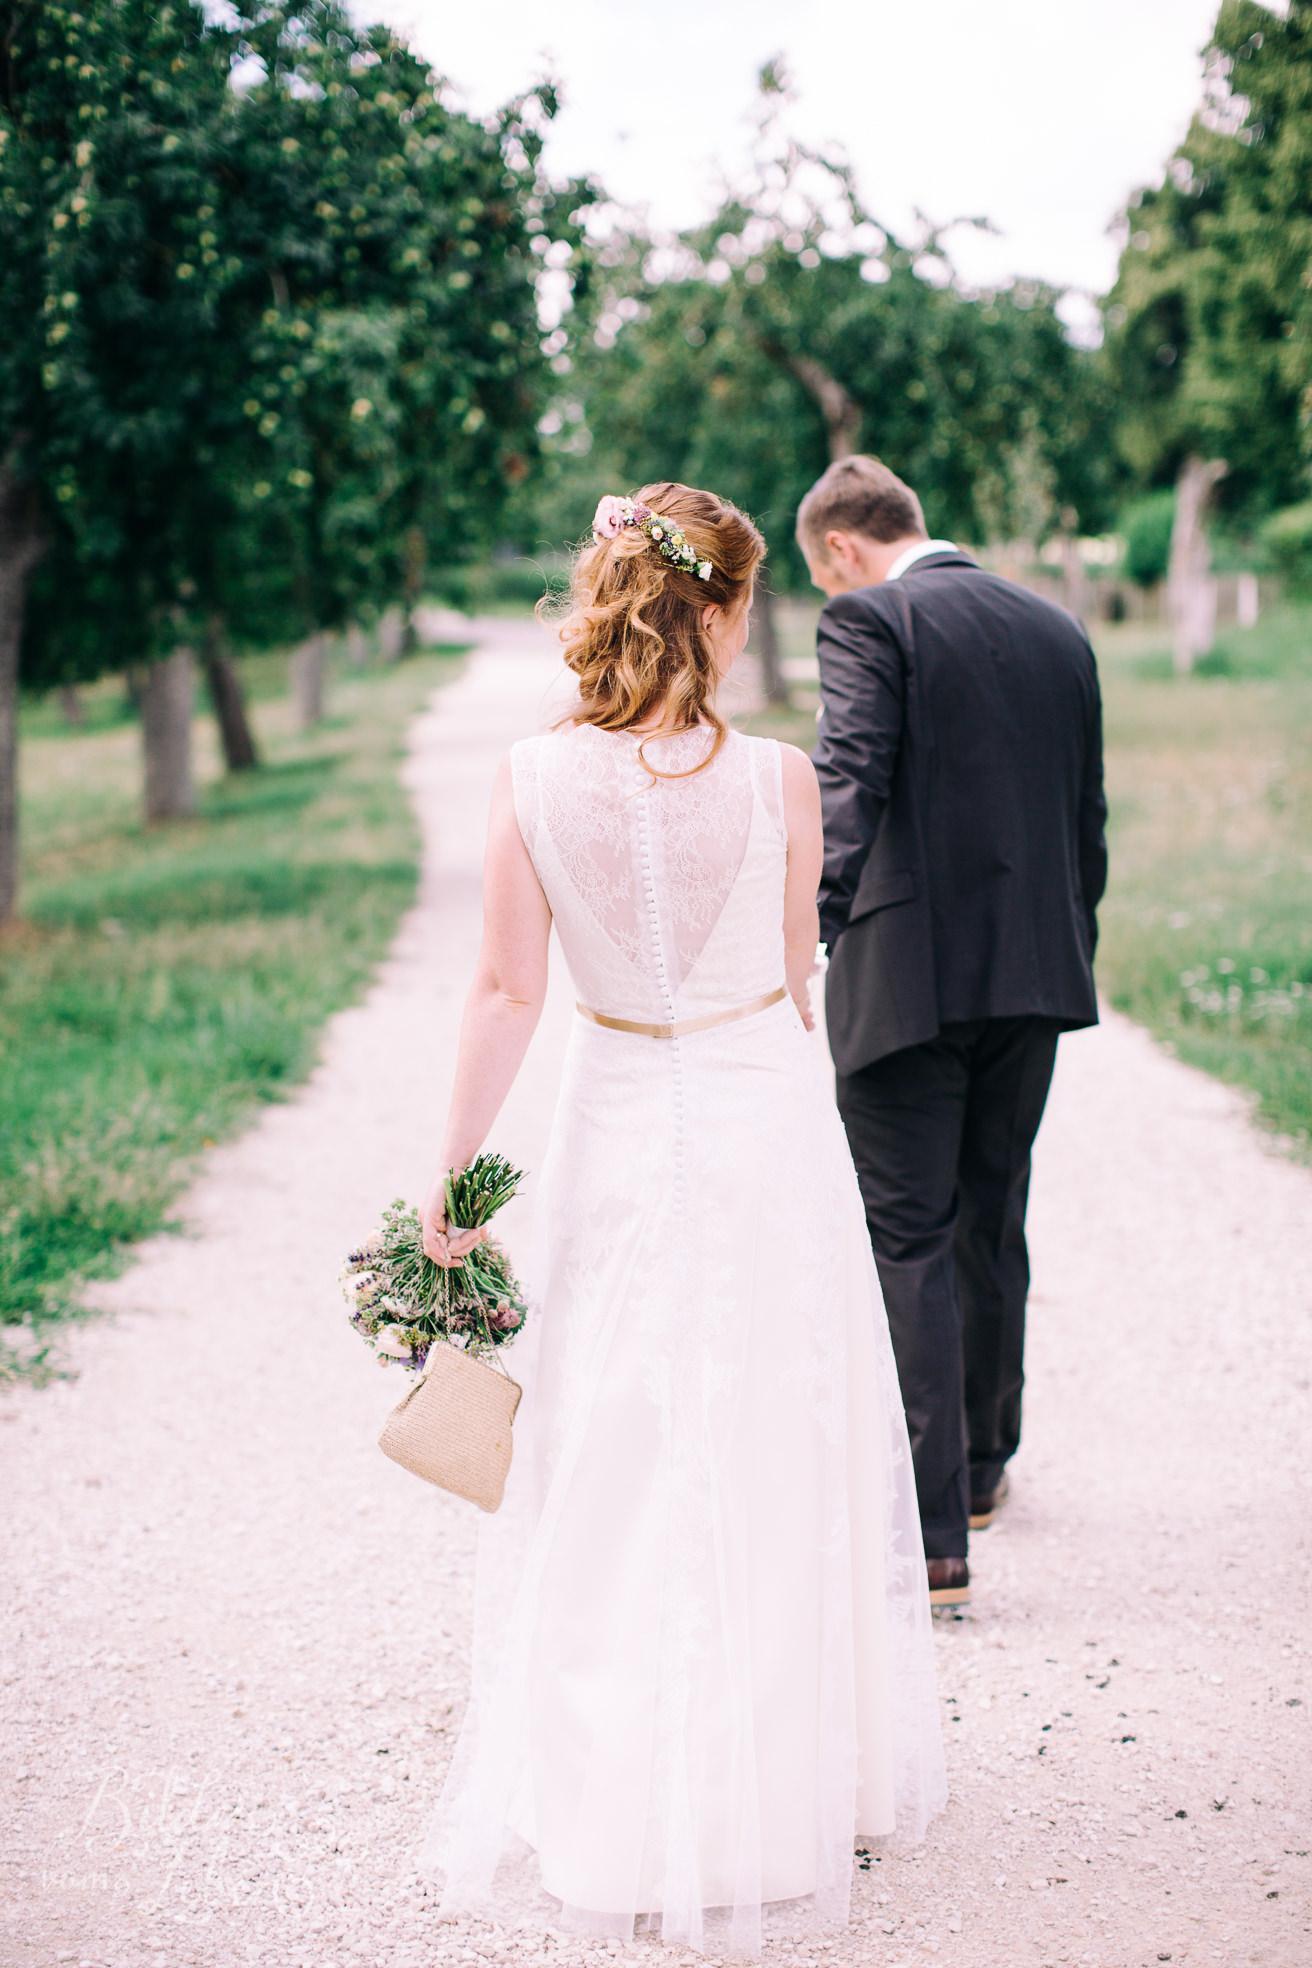 Franzi-Mike-Hochzeitsfotos-Triesdorf-IM2C0995